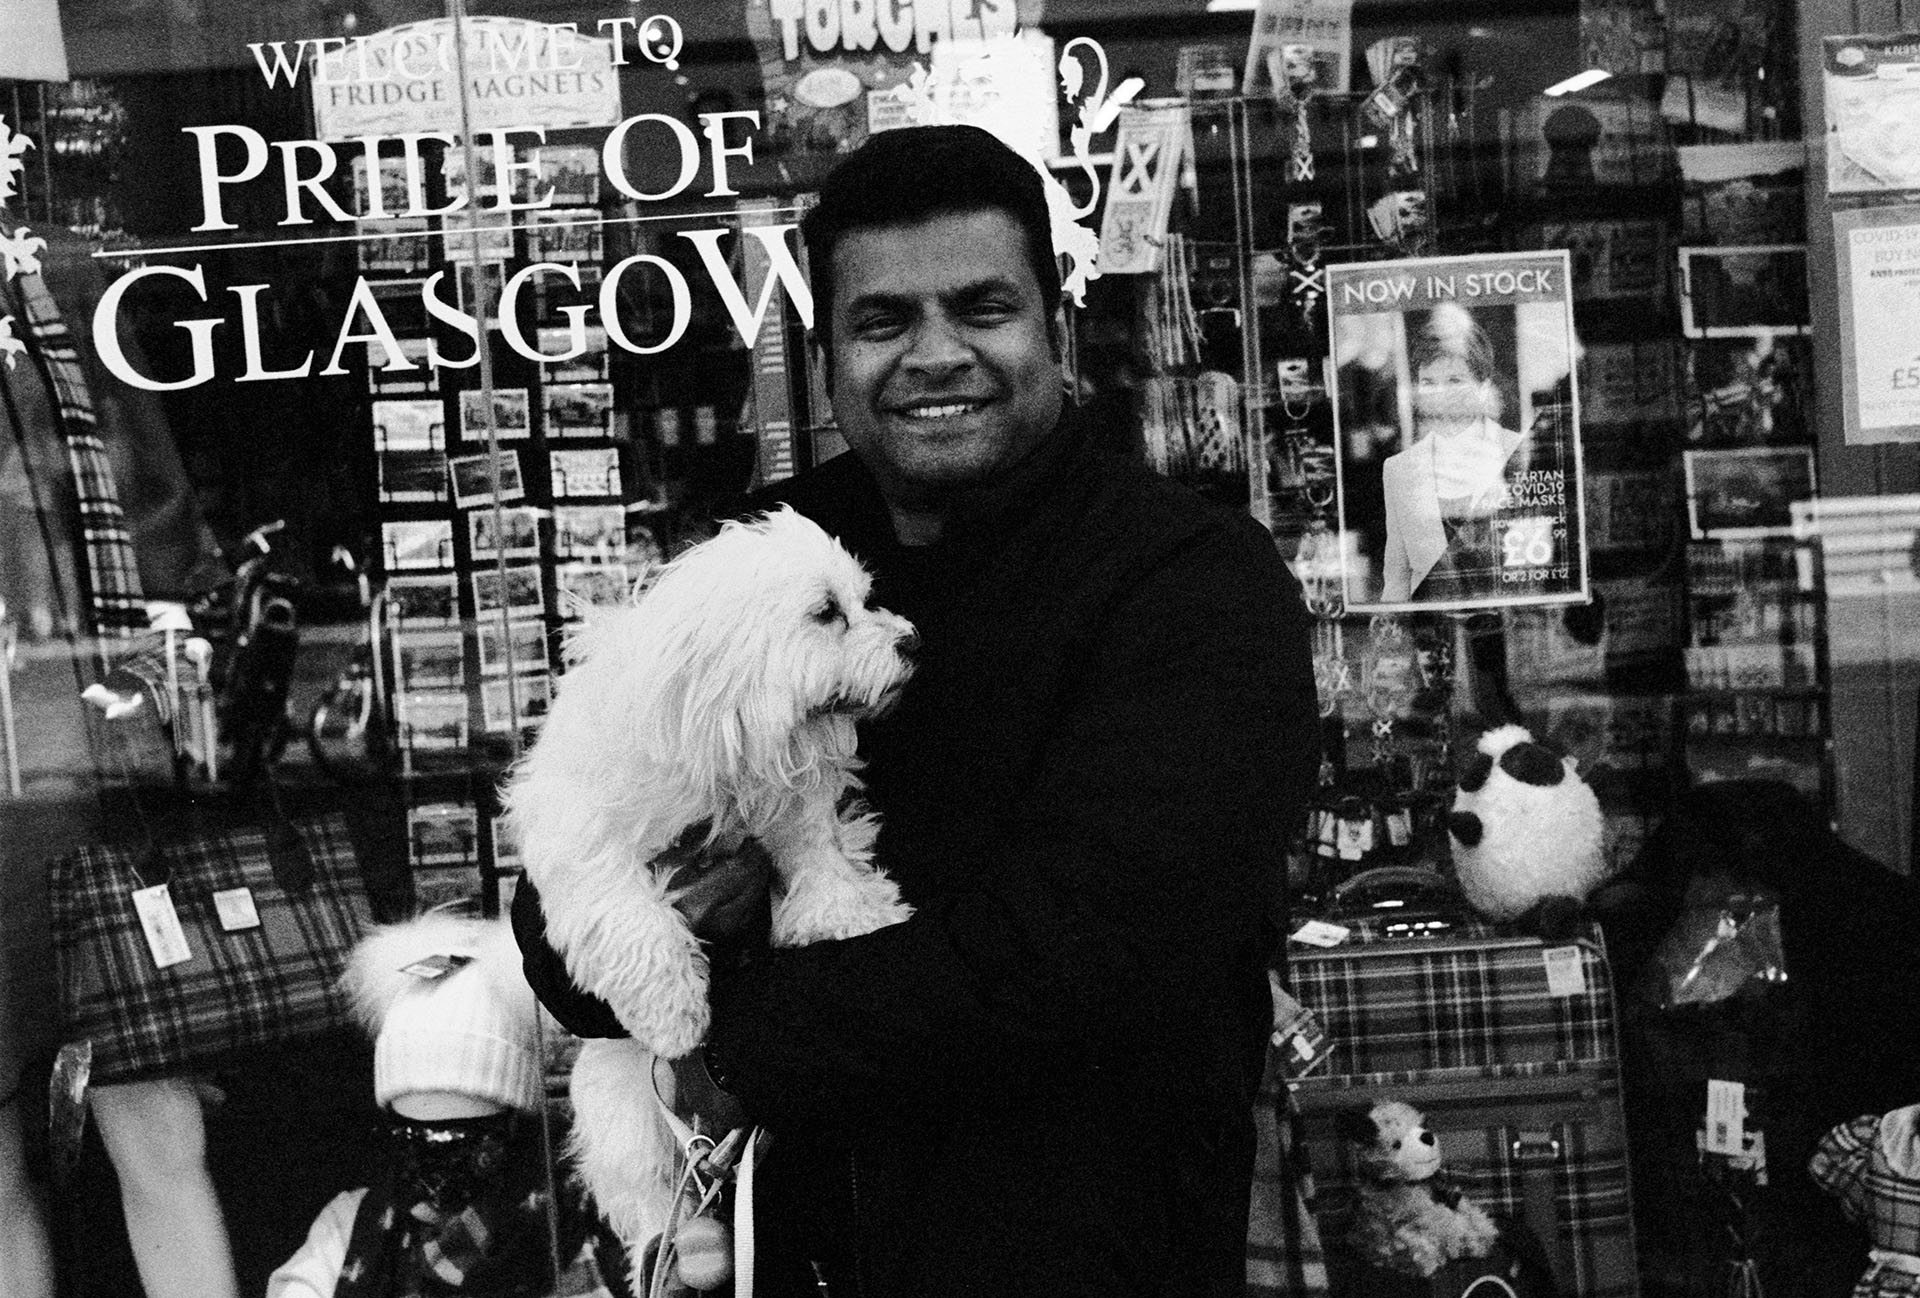 Glasgow 35mm street portrait